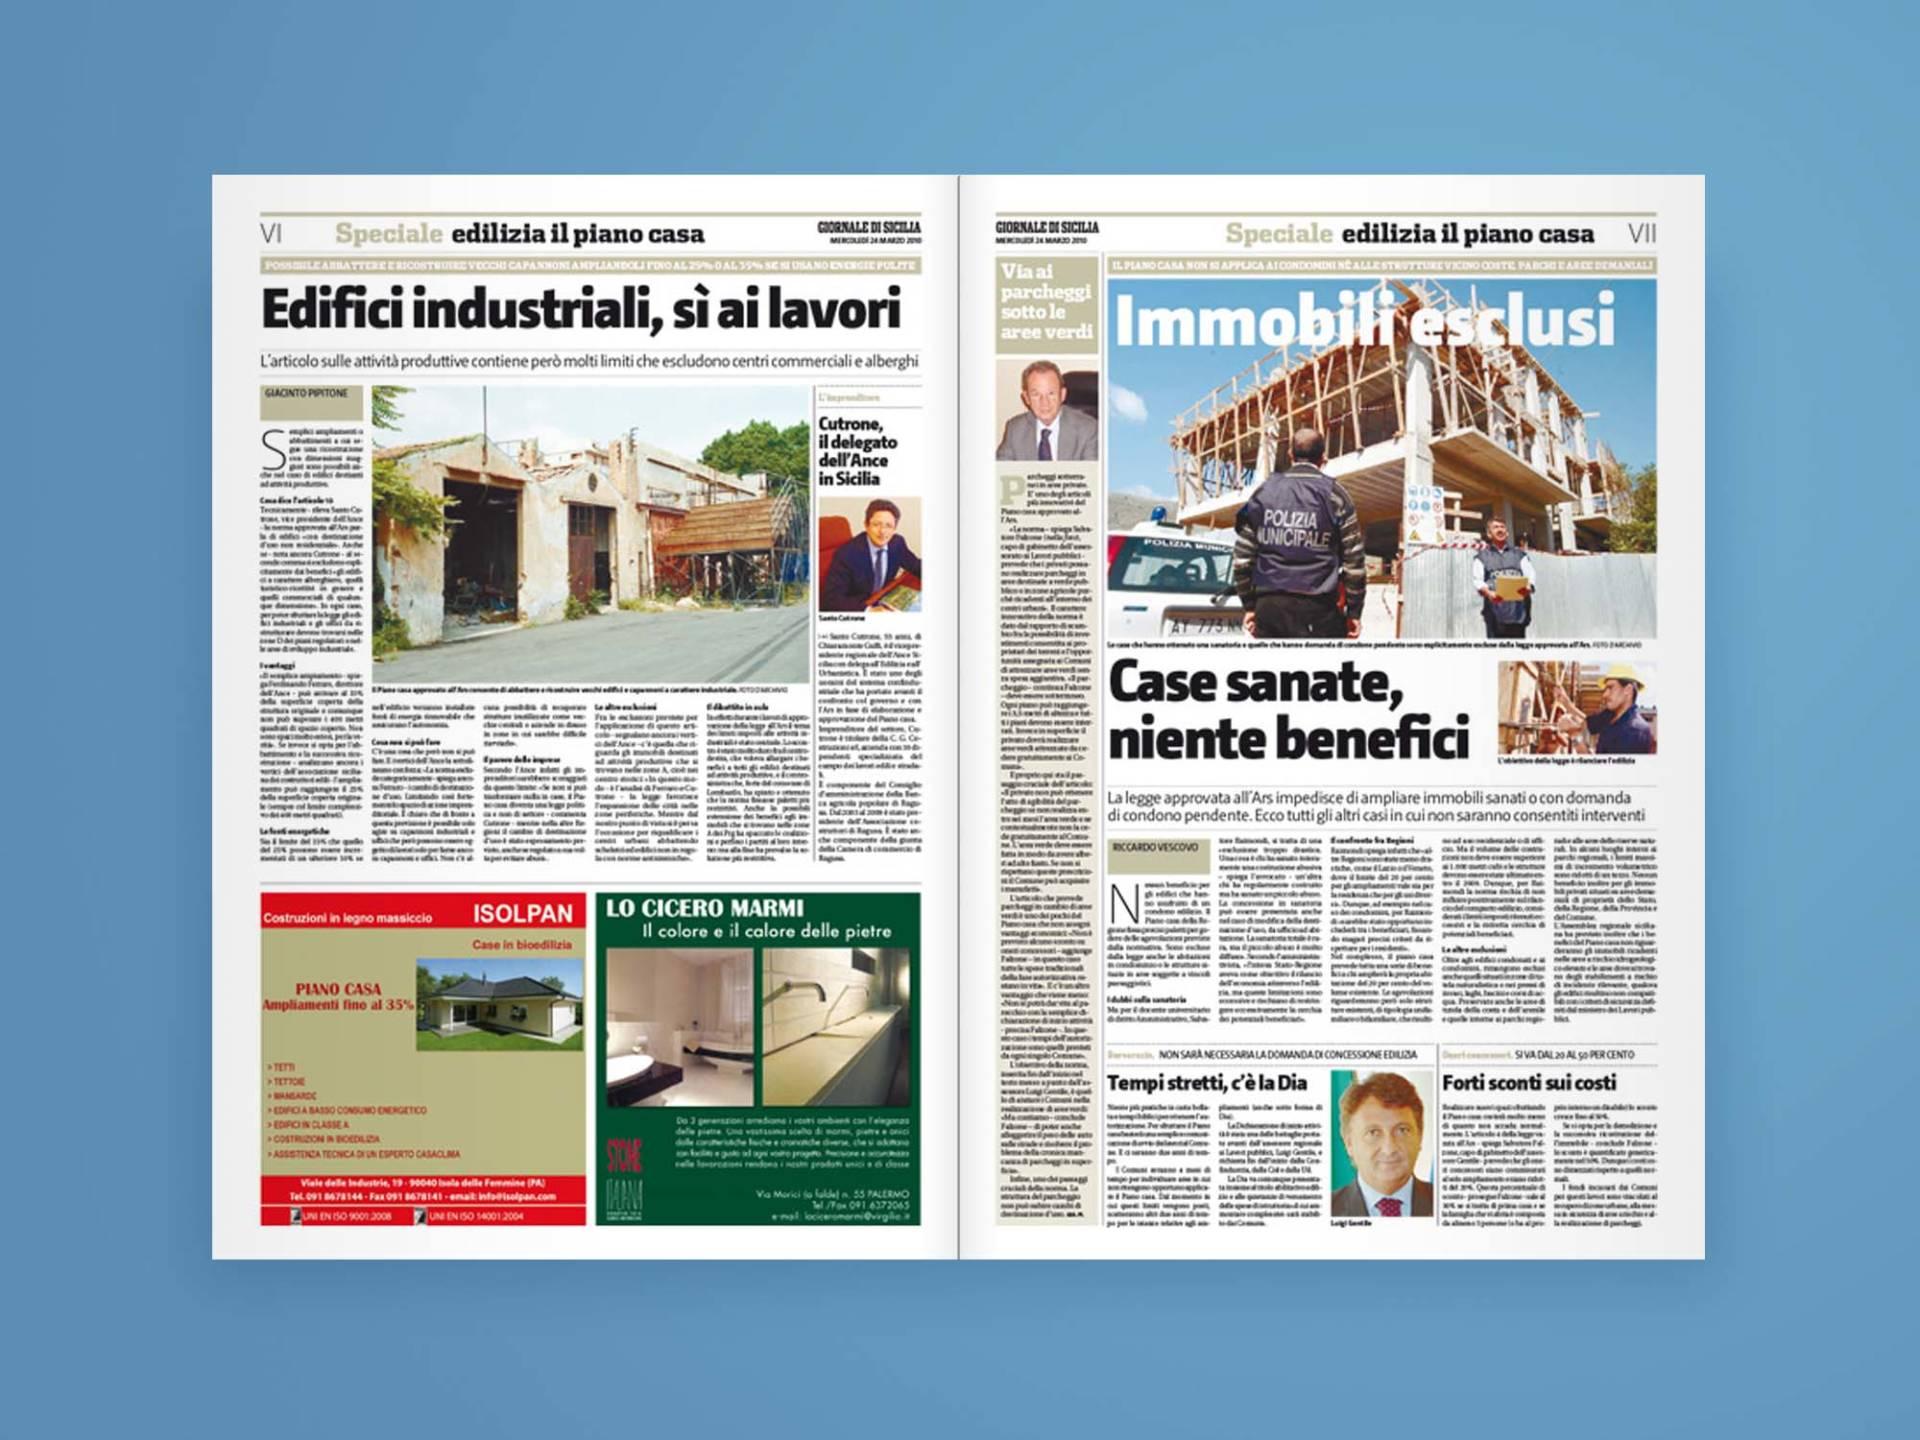 Giornale_di_Sicilia_Supplementi_05_Wenceslau_News_Design